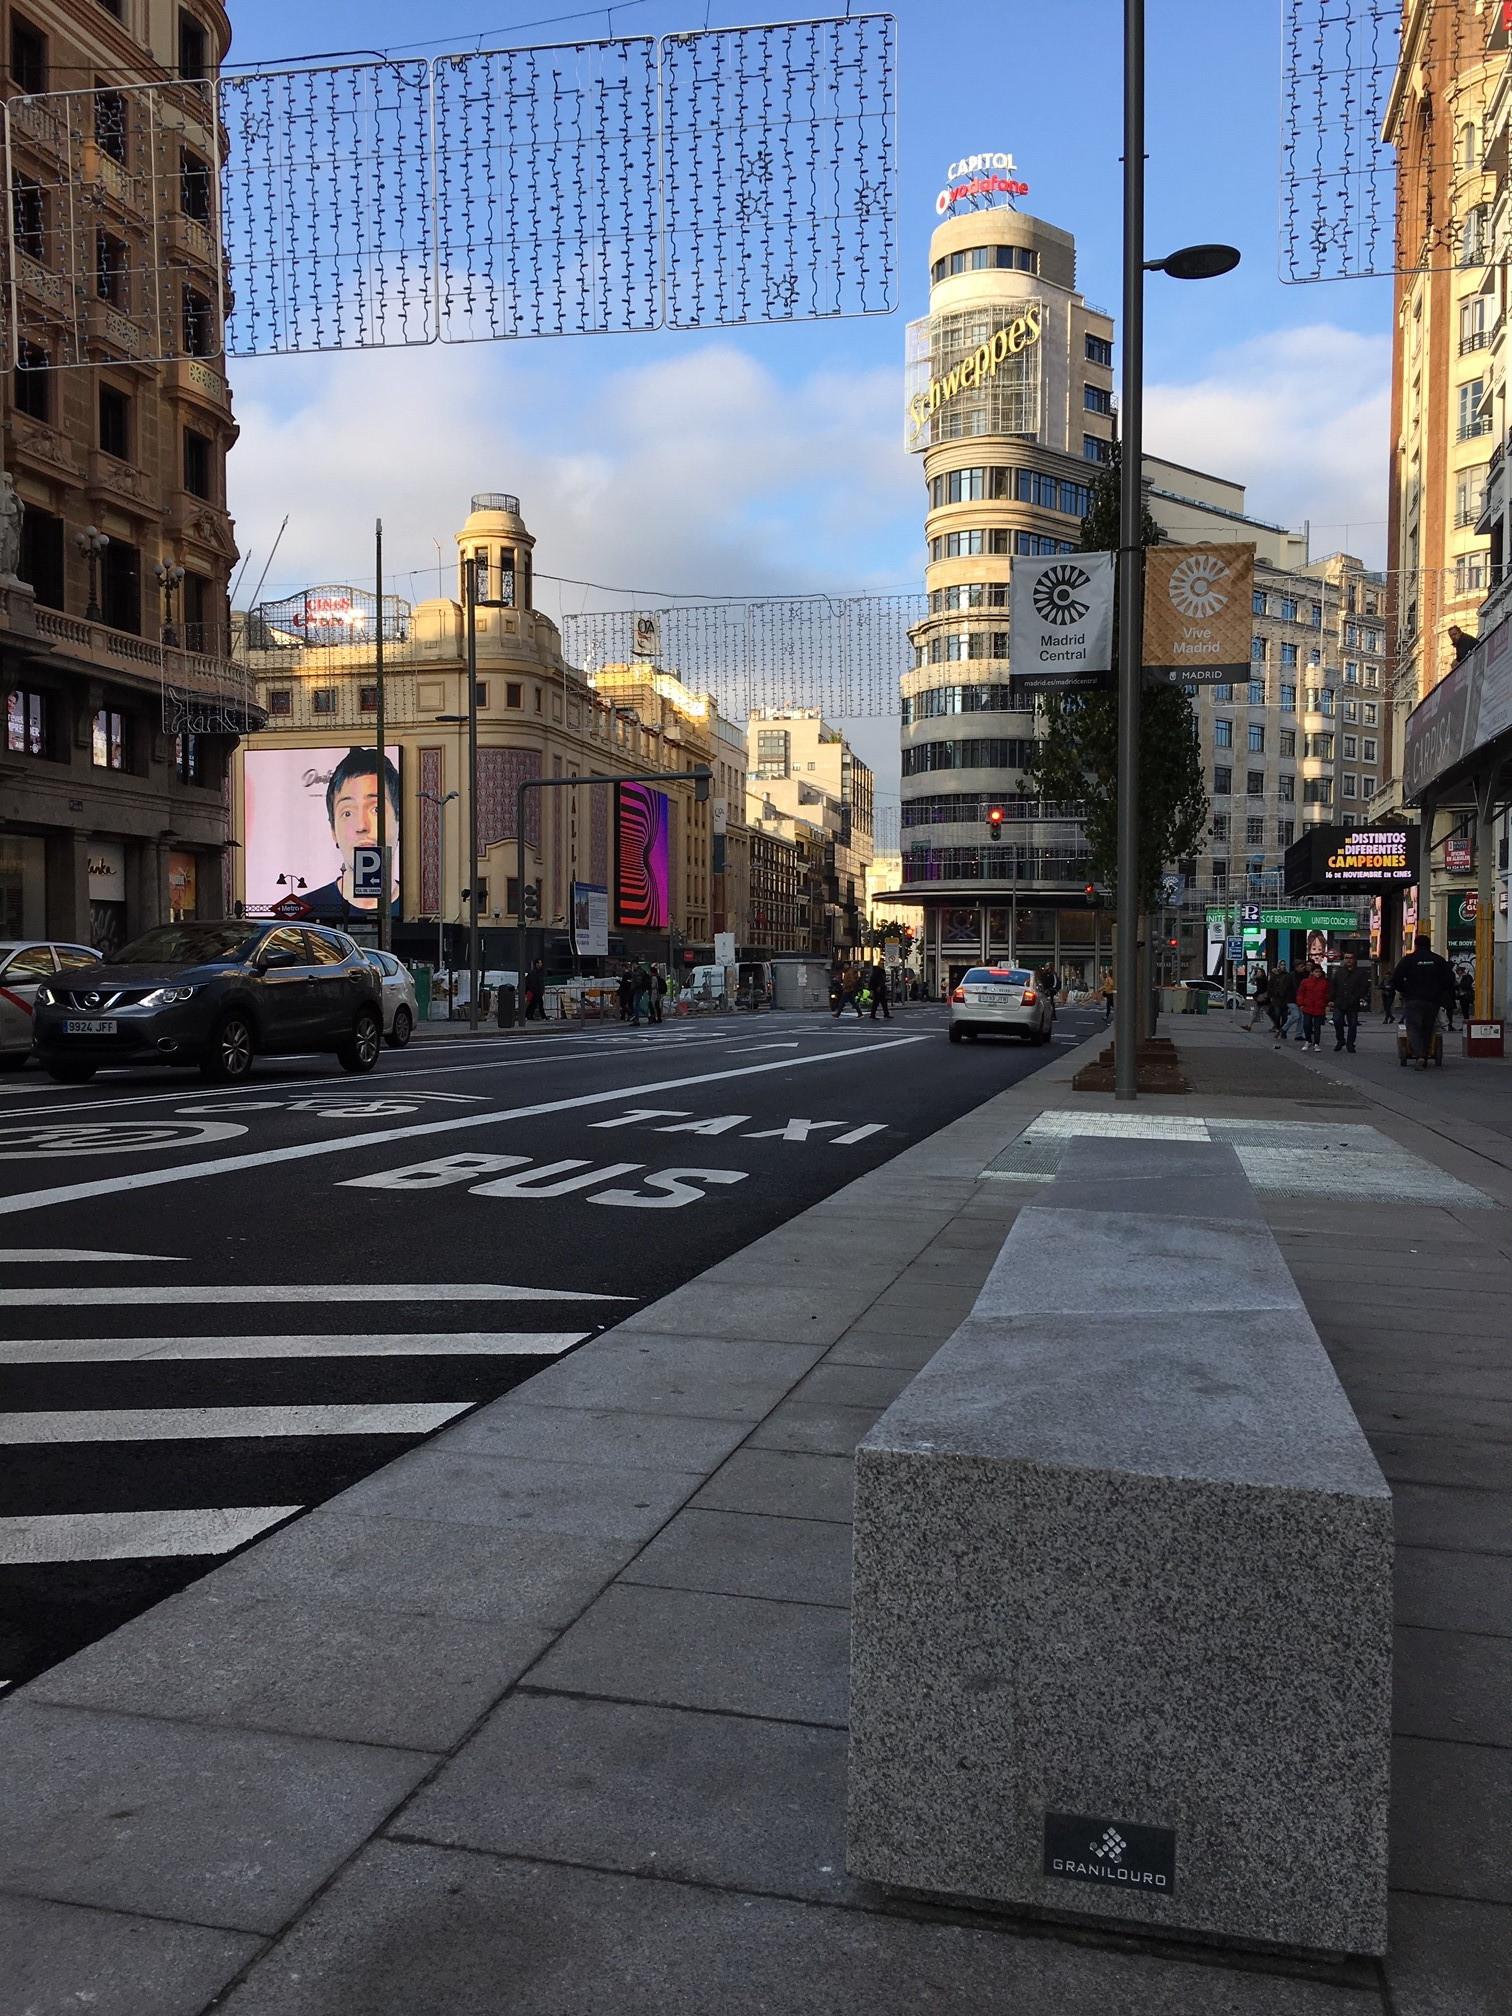 Gran_Vía_Madrid_bancos_granito.